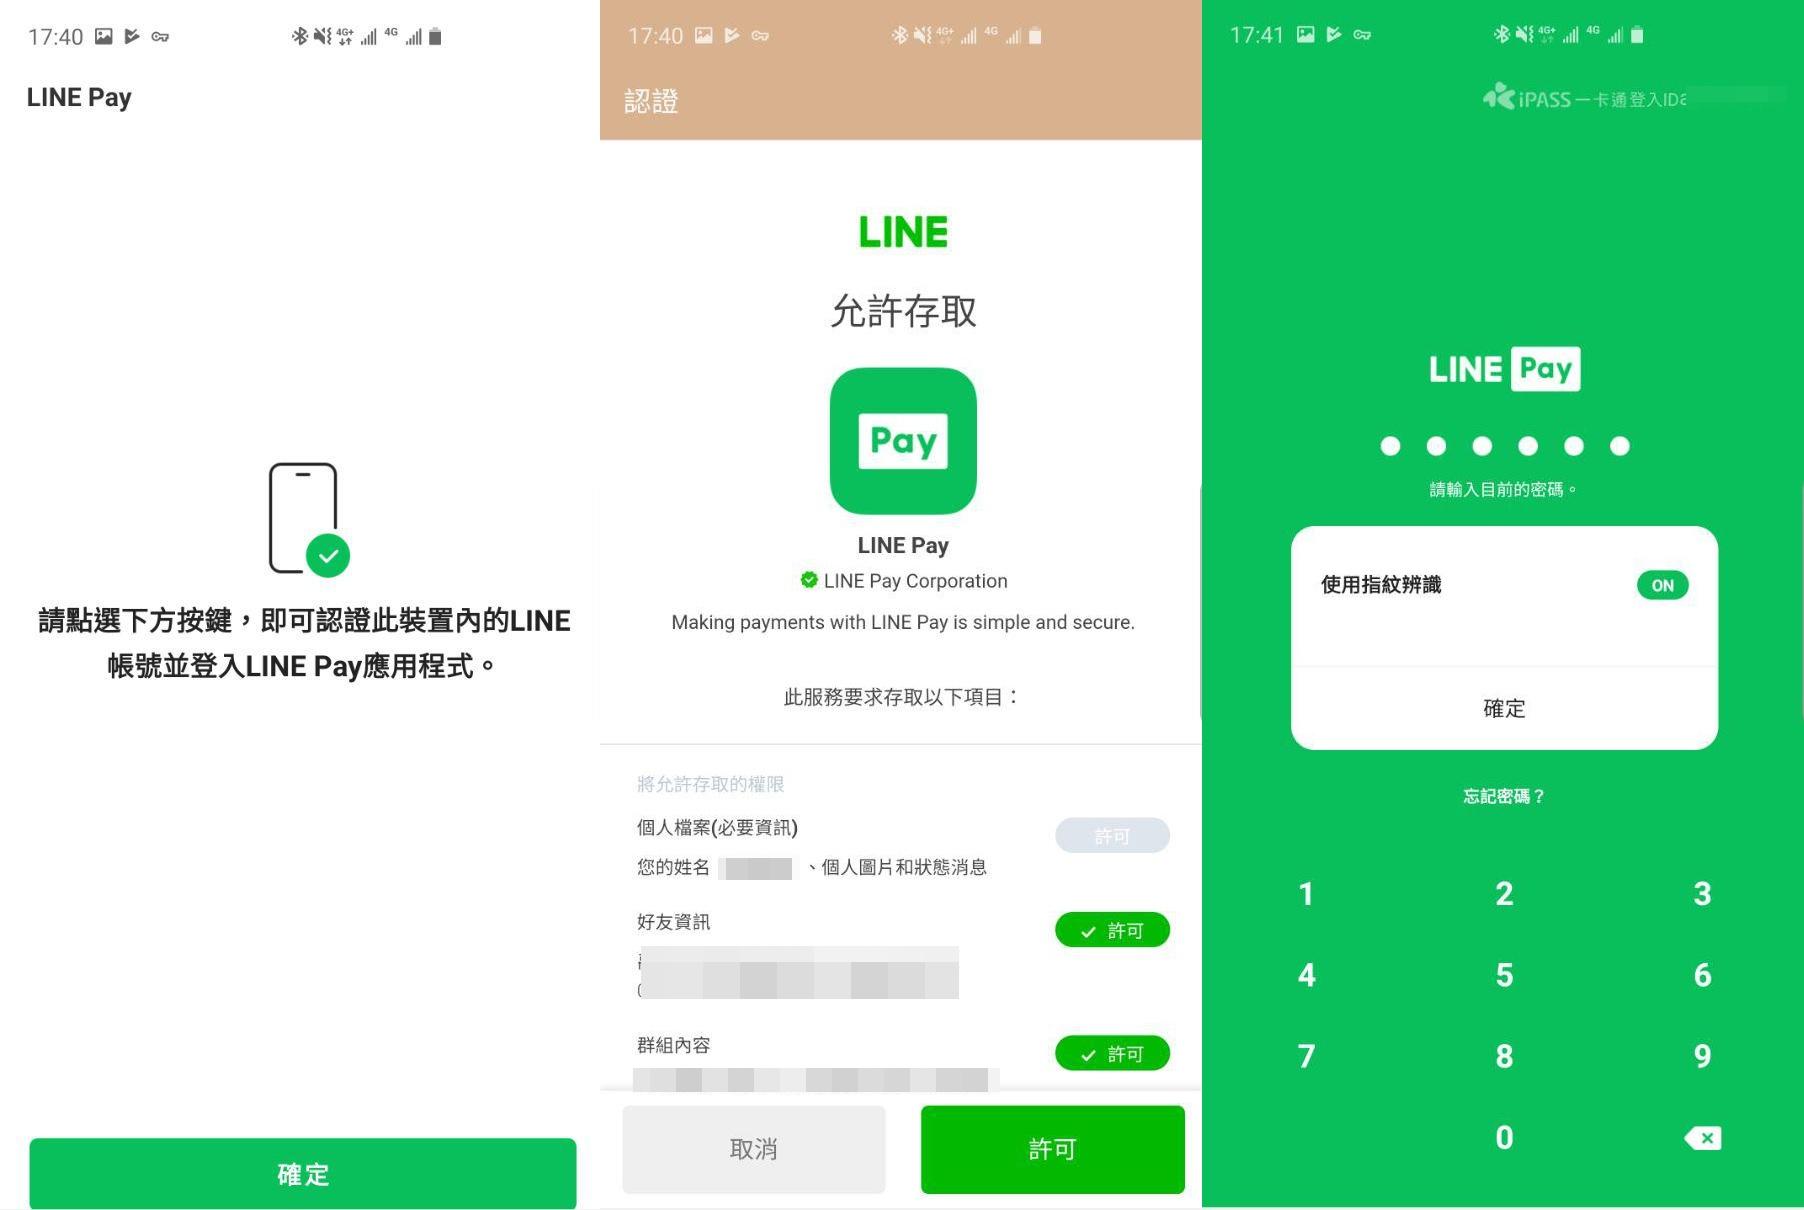 目前 LINE Pay App 還是得與手機的 LINE 連動並認證才能使用,指紋辨識得另外啟用,登入密碼則與 LINE Pay 設定的相同。